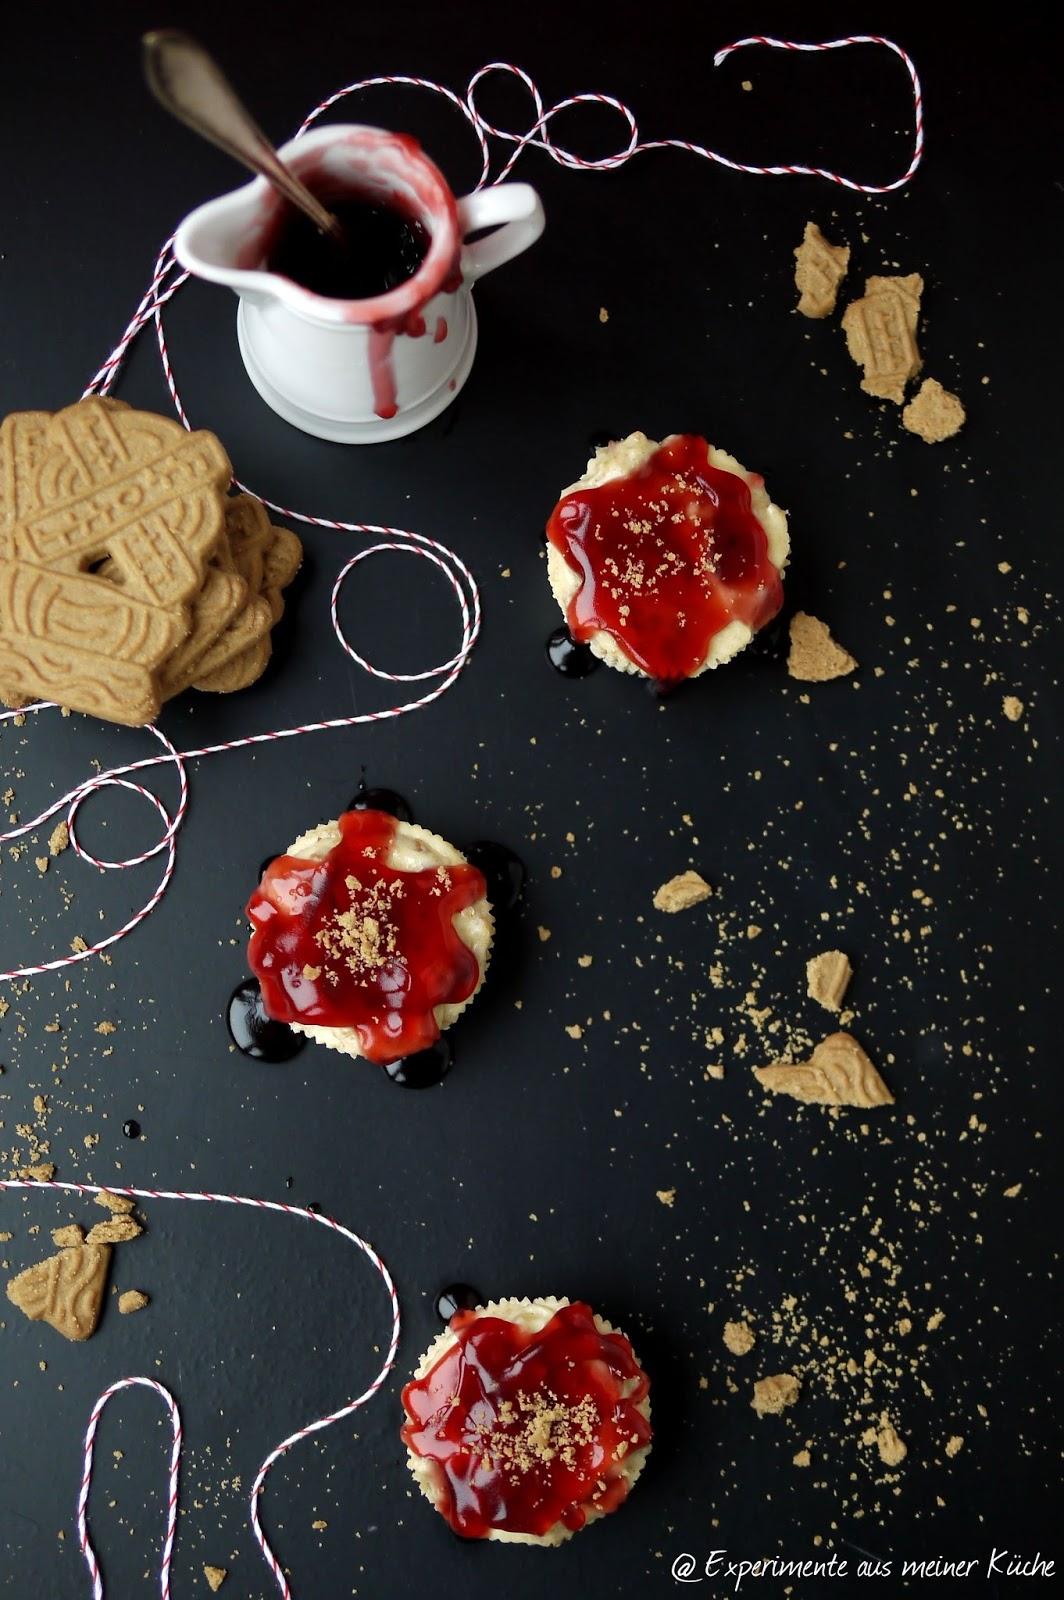 Experimente aus meiner Küche: Mini-Spekulatius-Cheesecake mit Heidelbeerglühwein-Topping